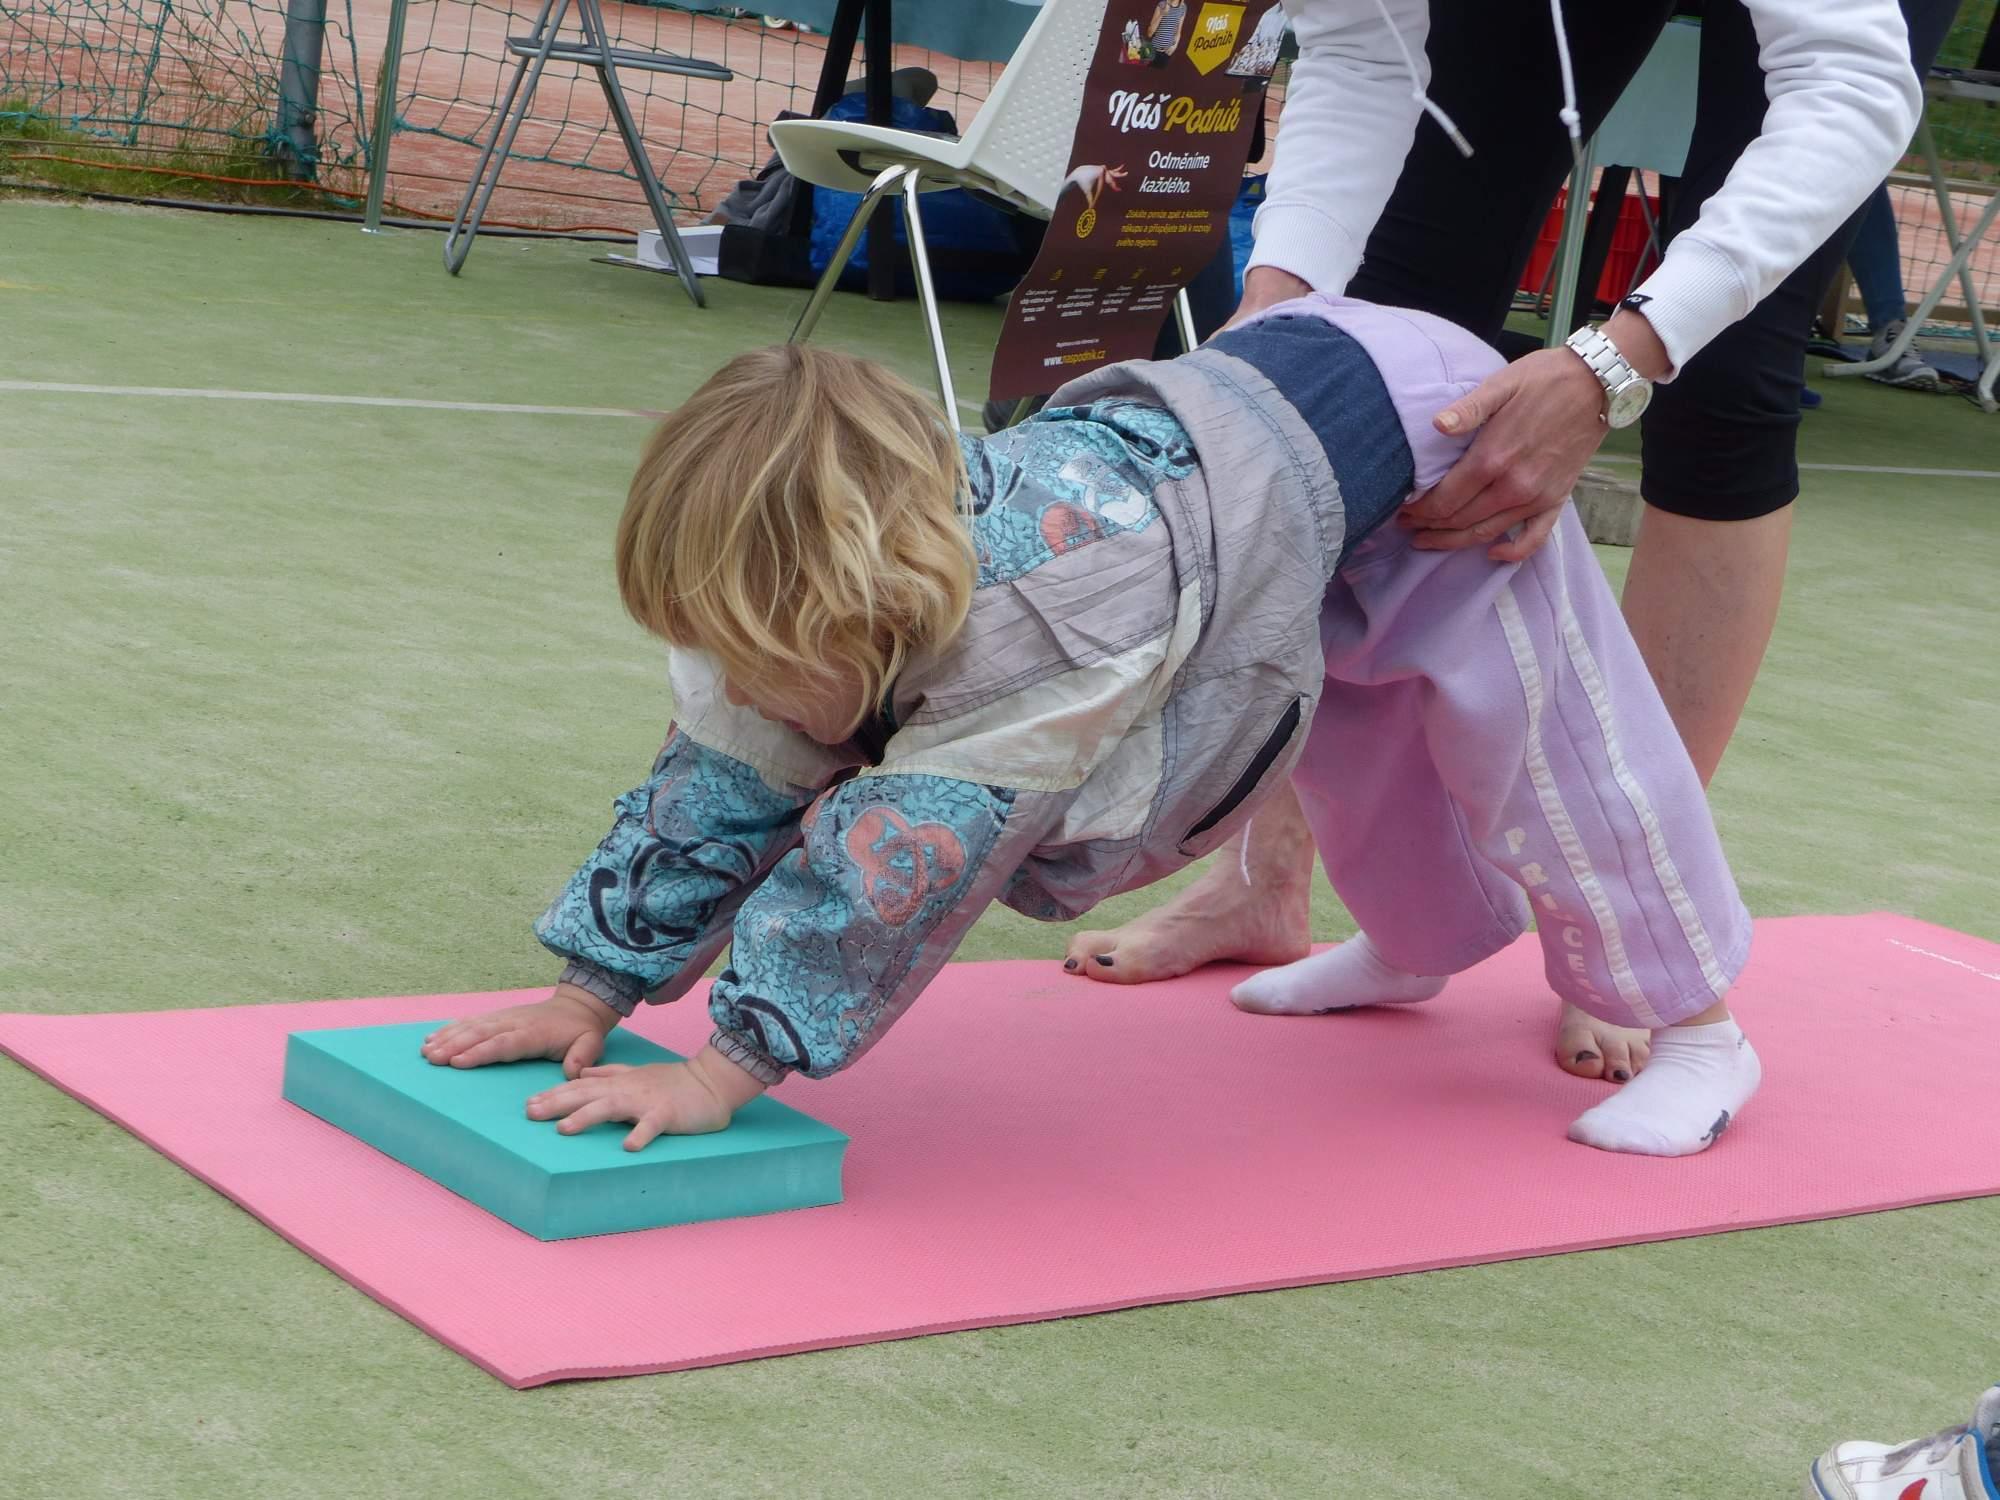 Jak ohební musí být jogíni, zase zjišťovali jiní. Foto: Michaela Střížová